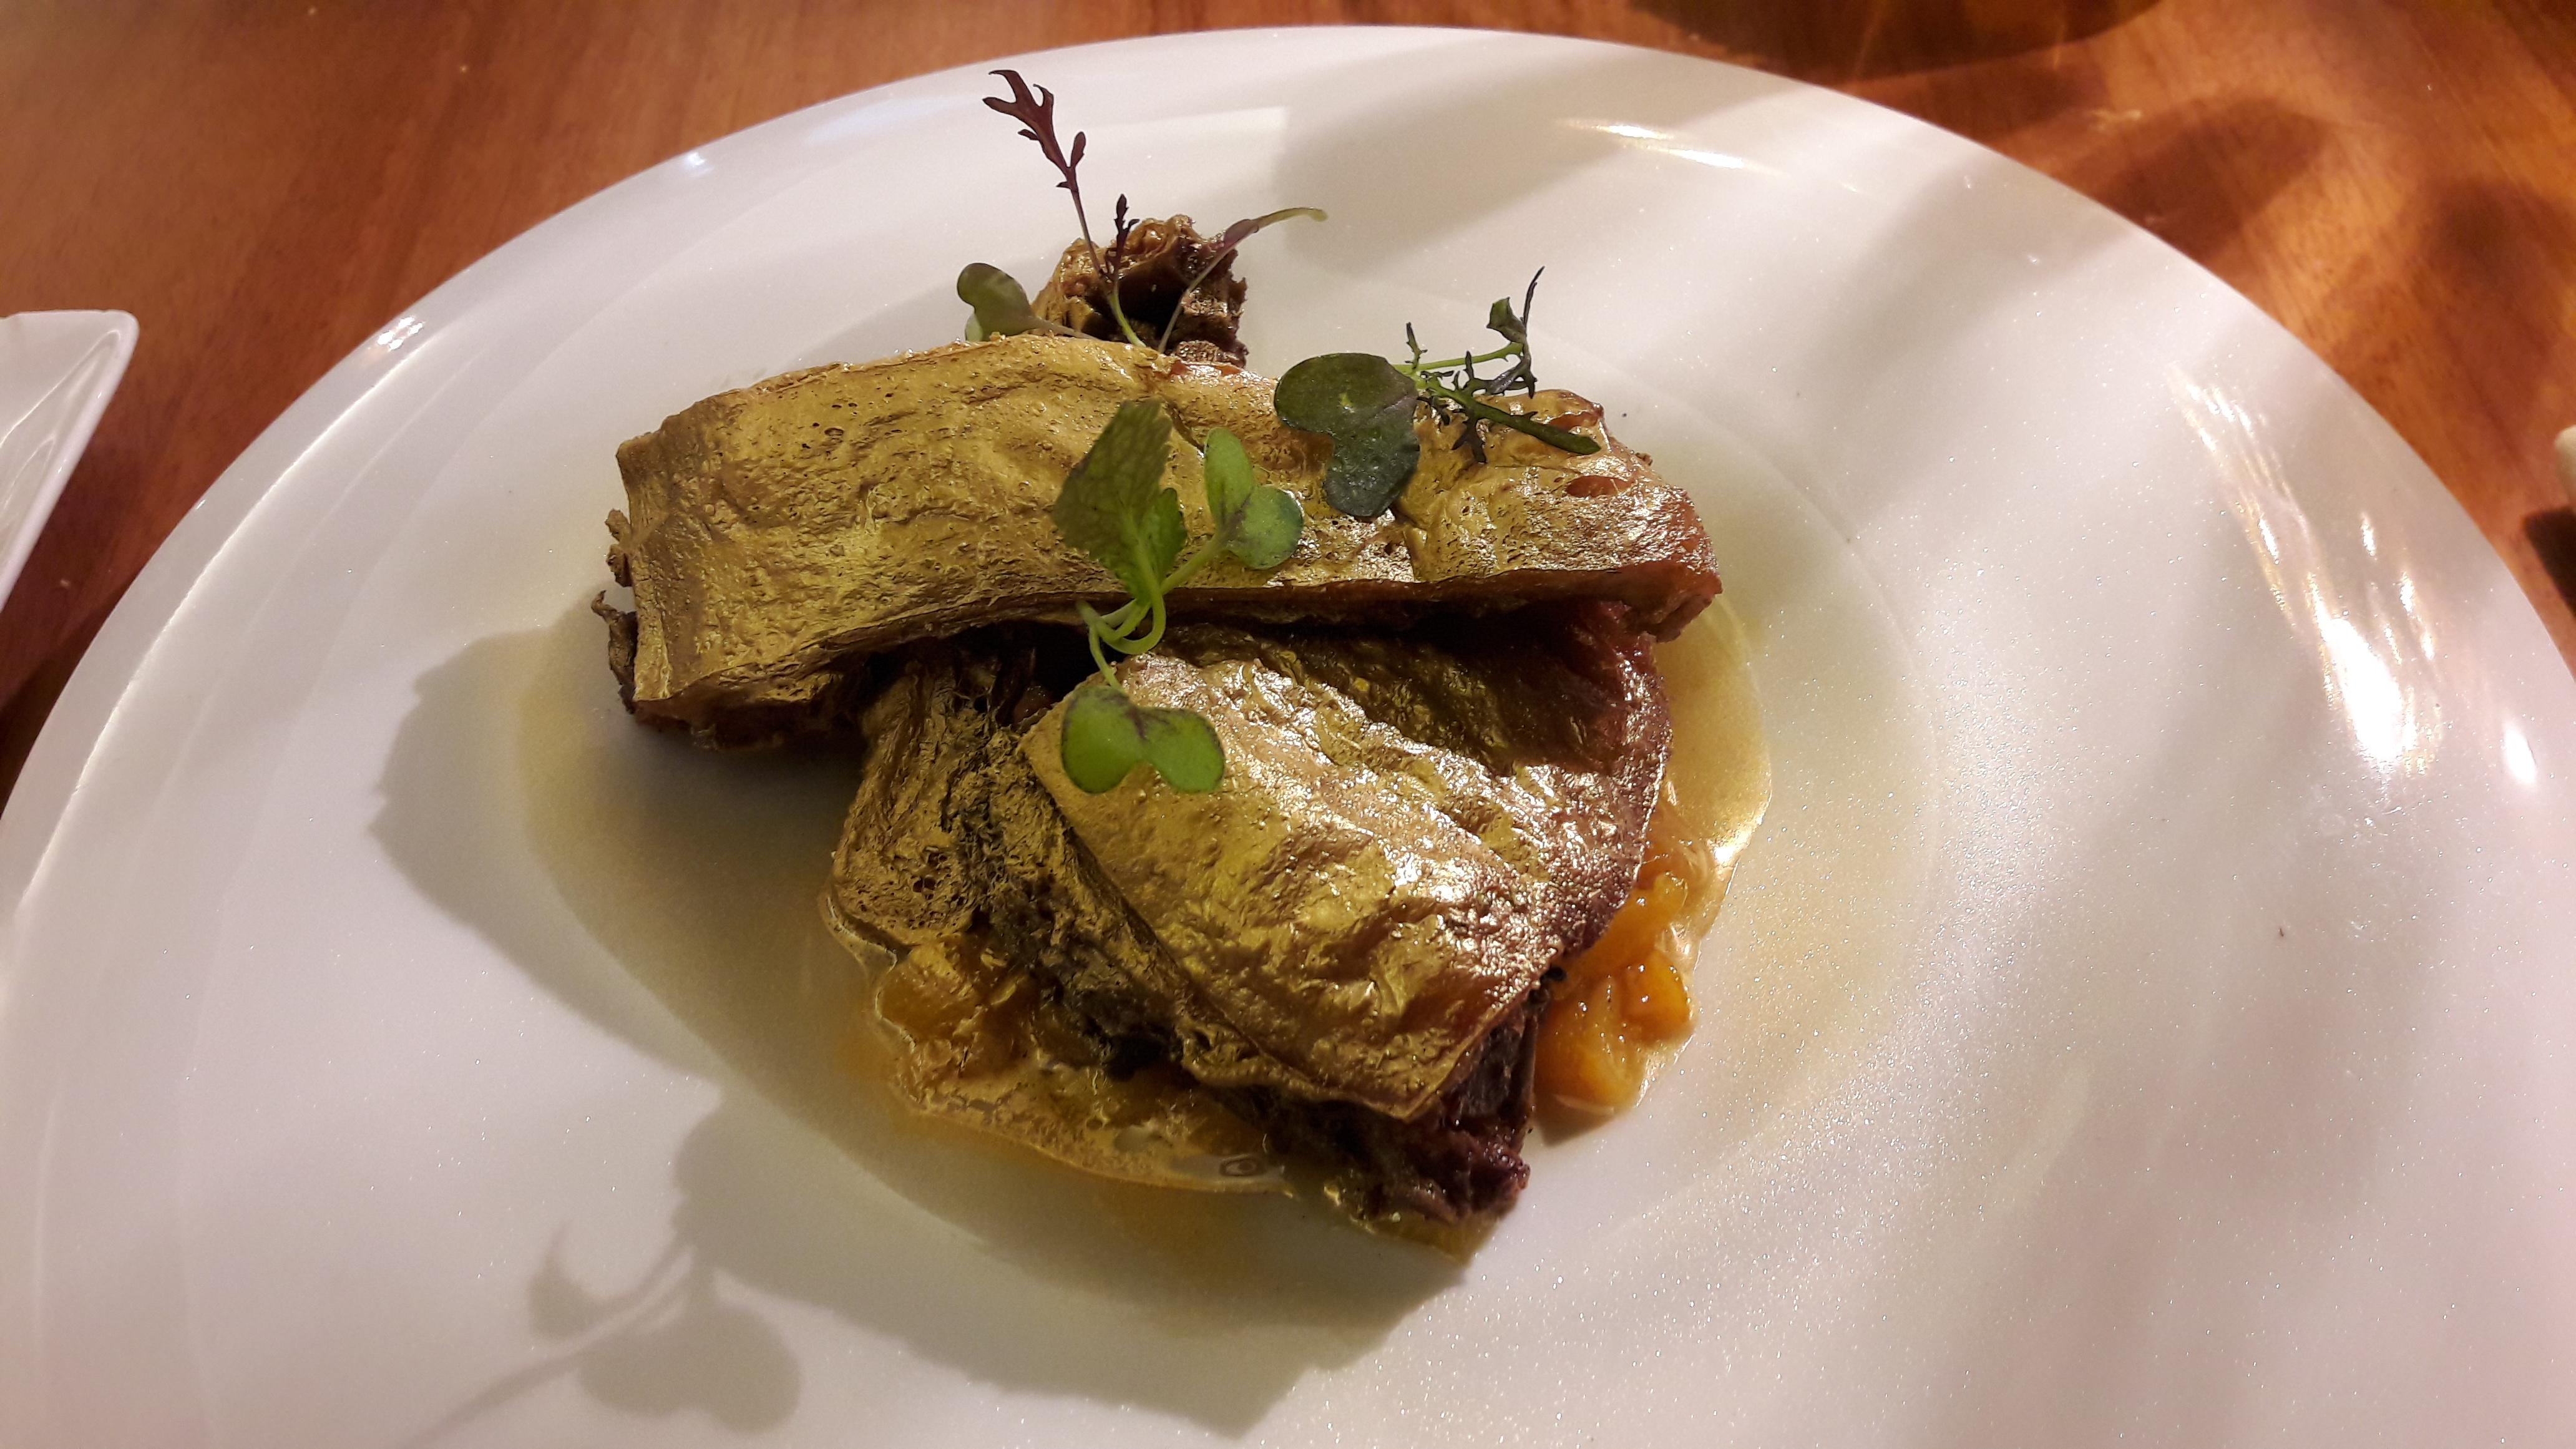 Restaurante en Úbeda tostón dorado, confitado en aceite de oliva picual Cortijo la Torre, melocotón y gel de lima